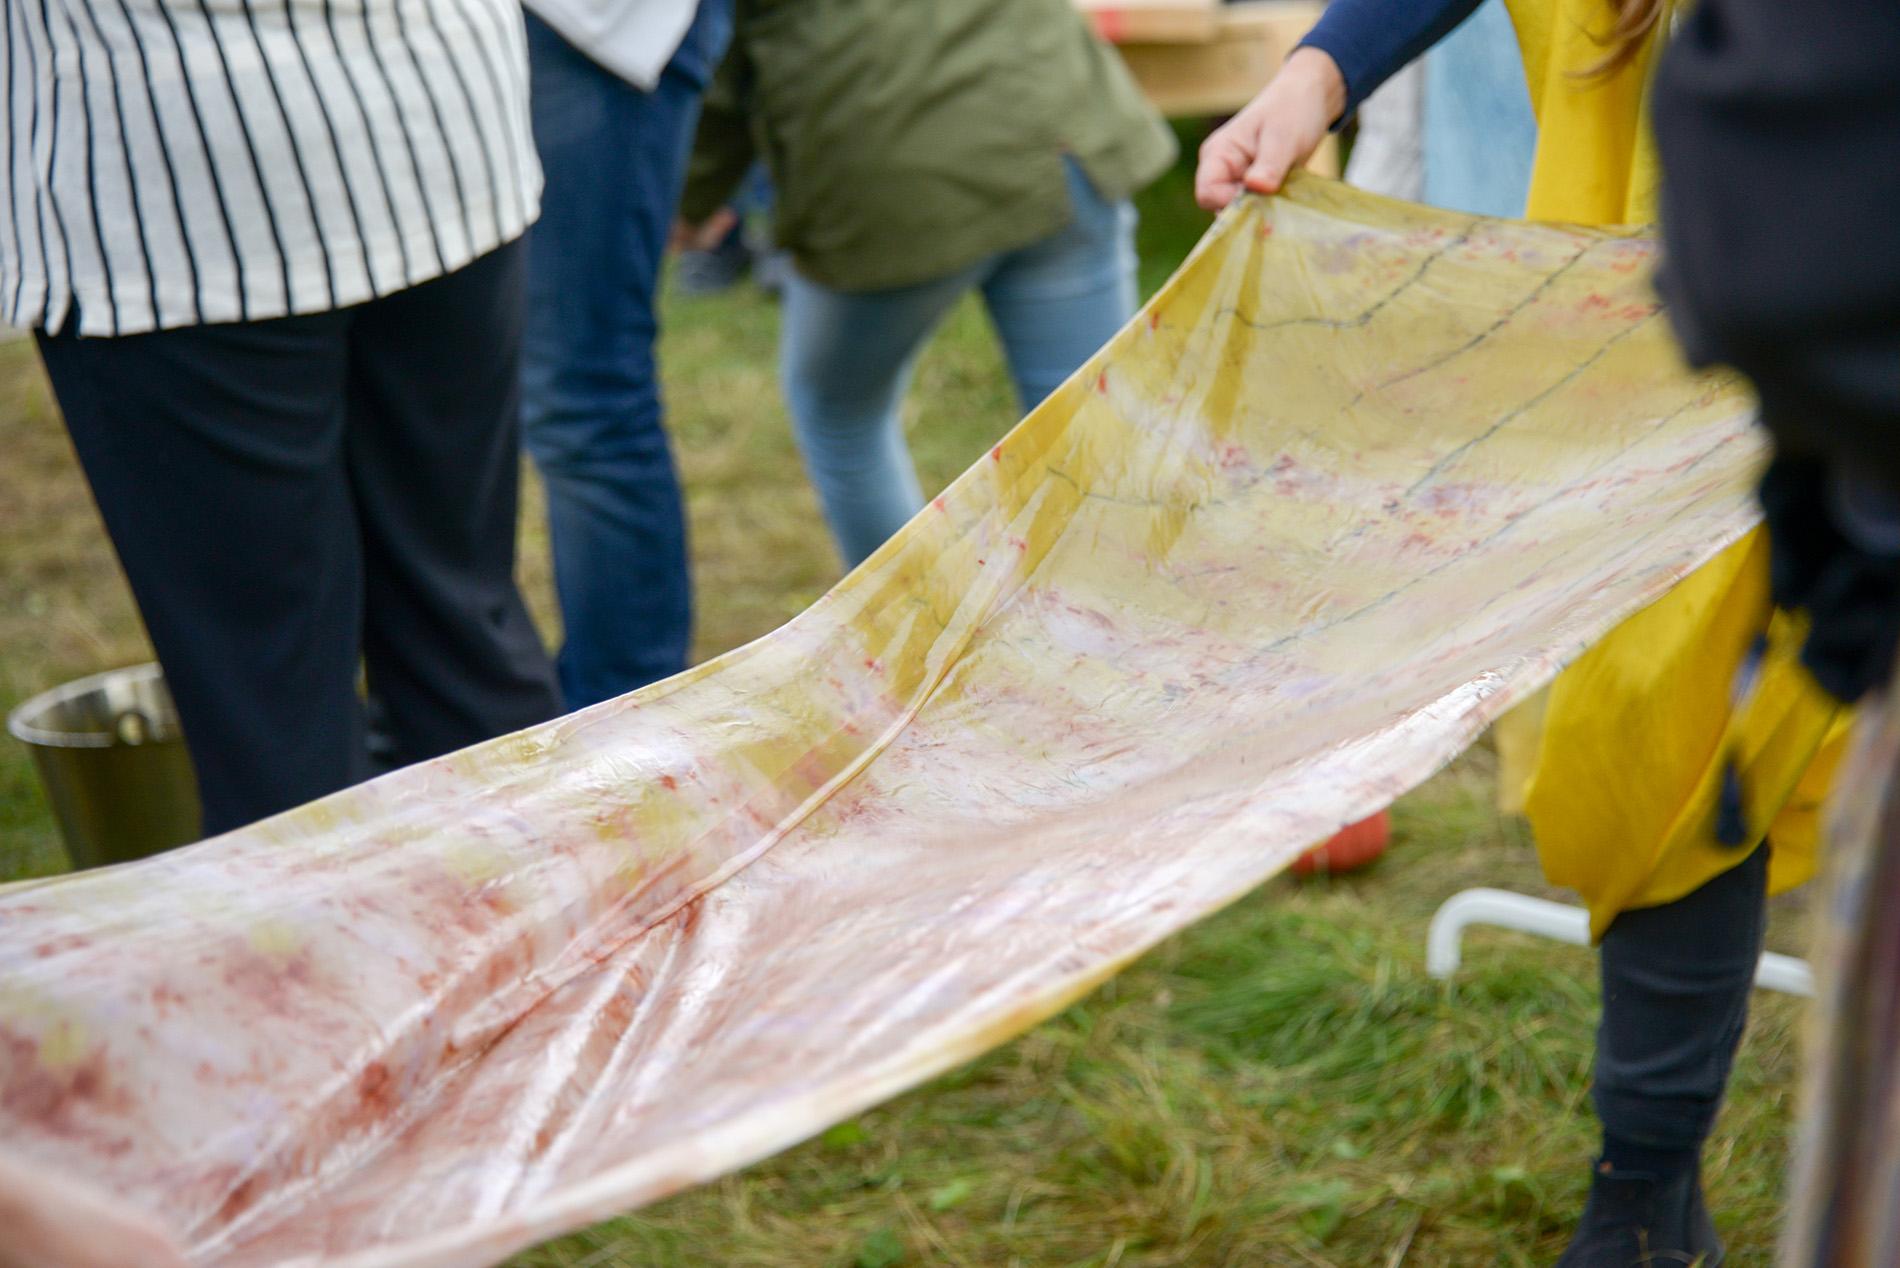 Rosa gult och vitt tyg som legat i blöt efter en textilfärgning